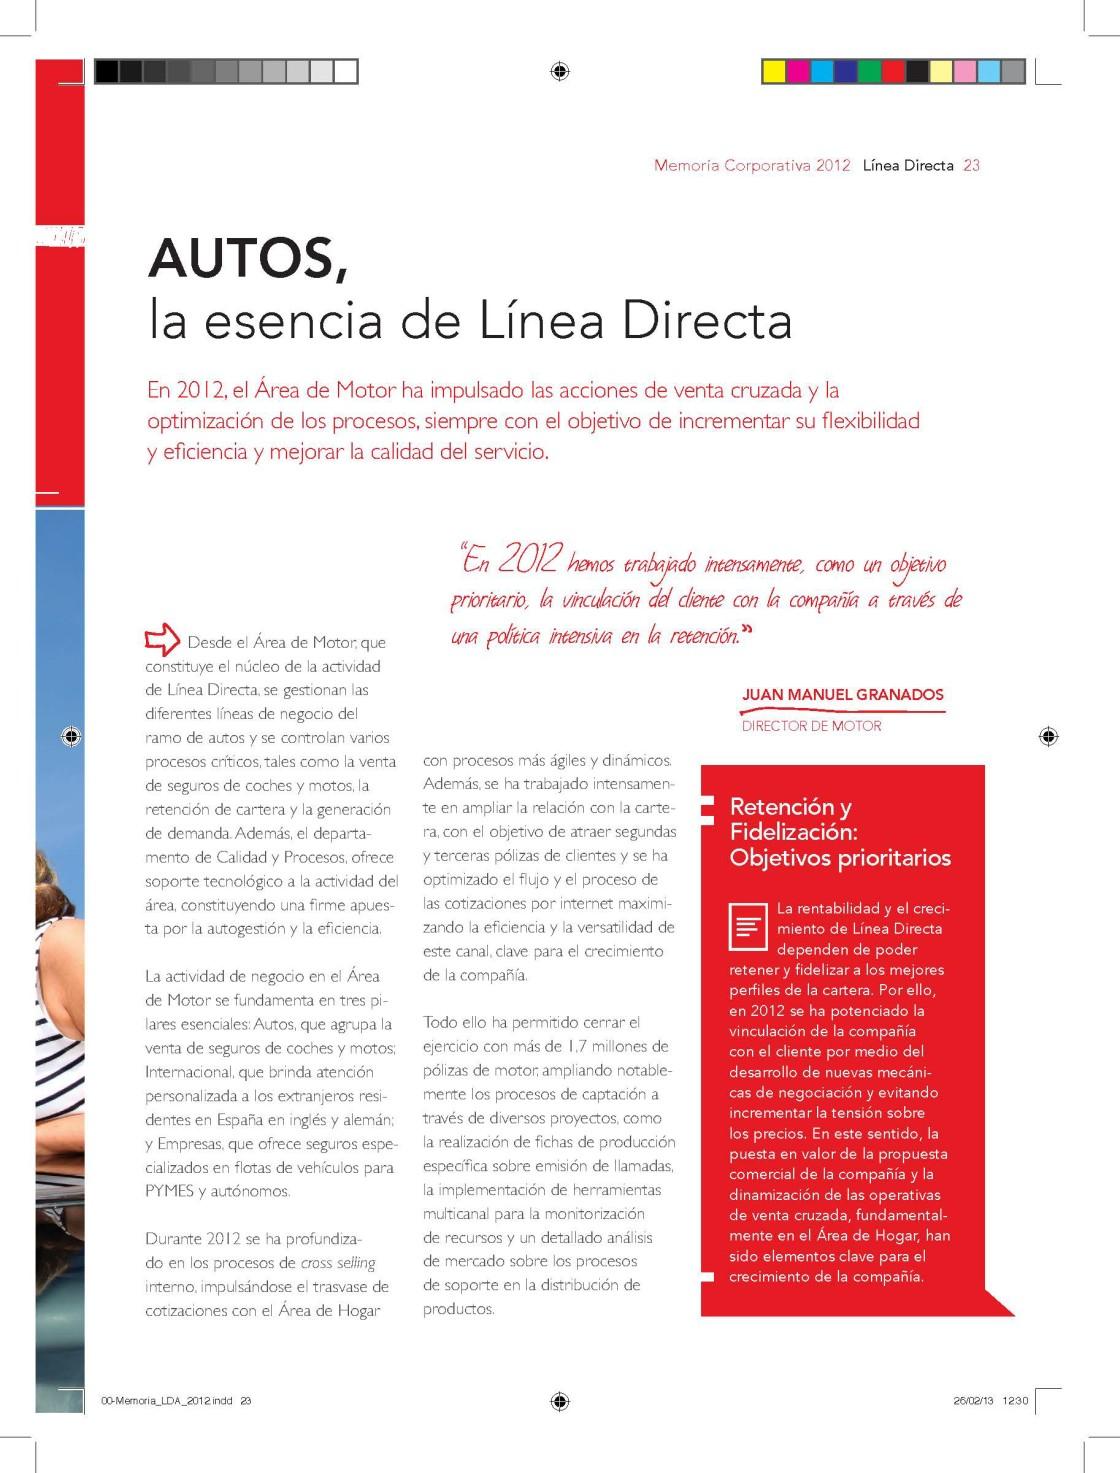 Memoria_LDA_2012_Page_23